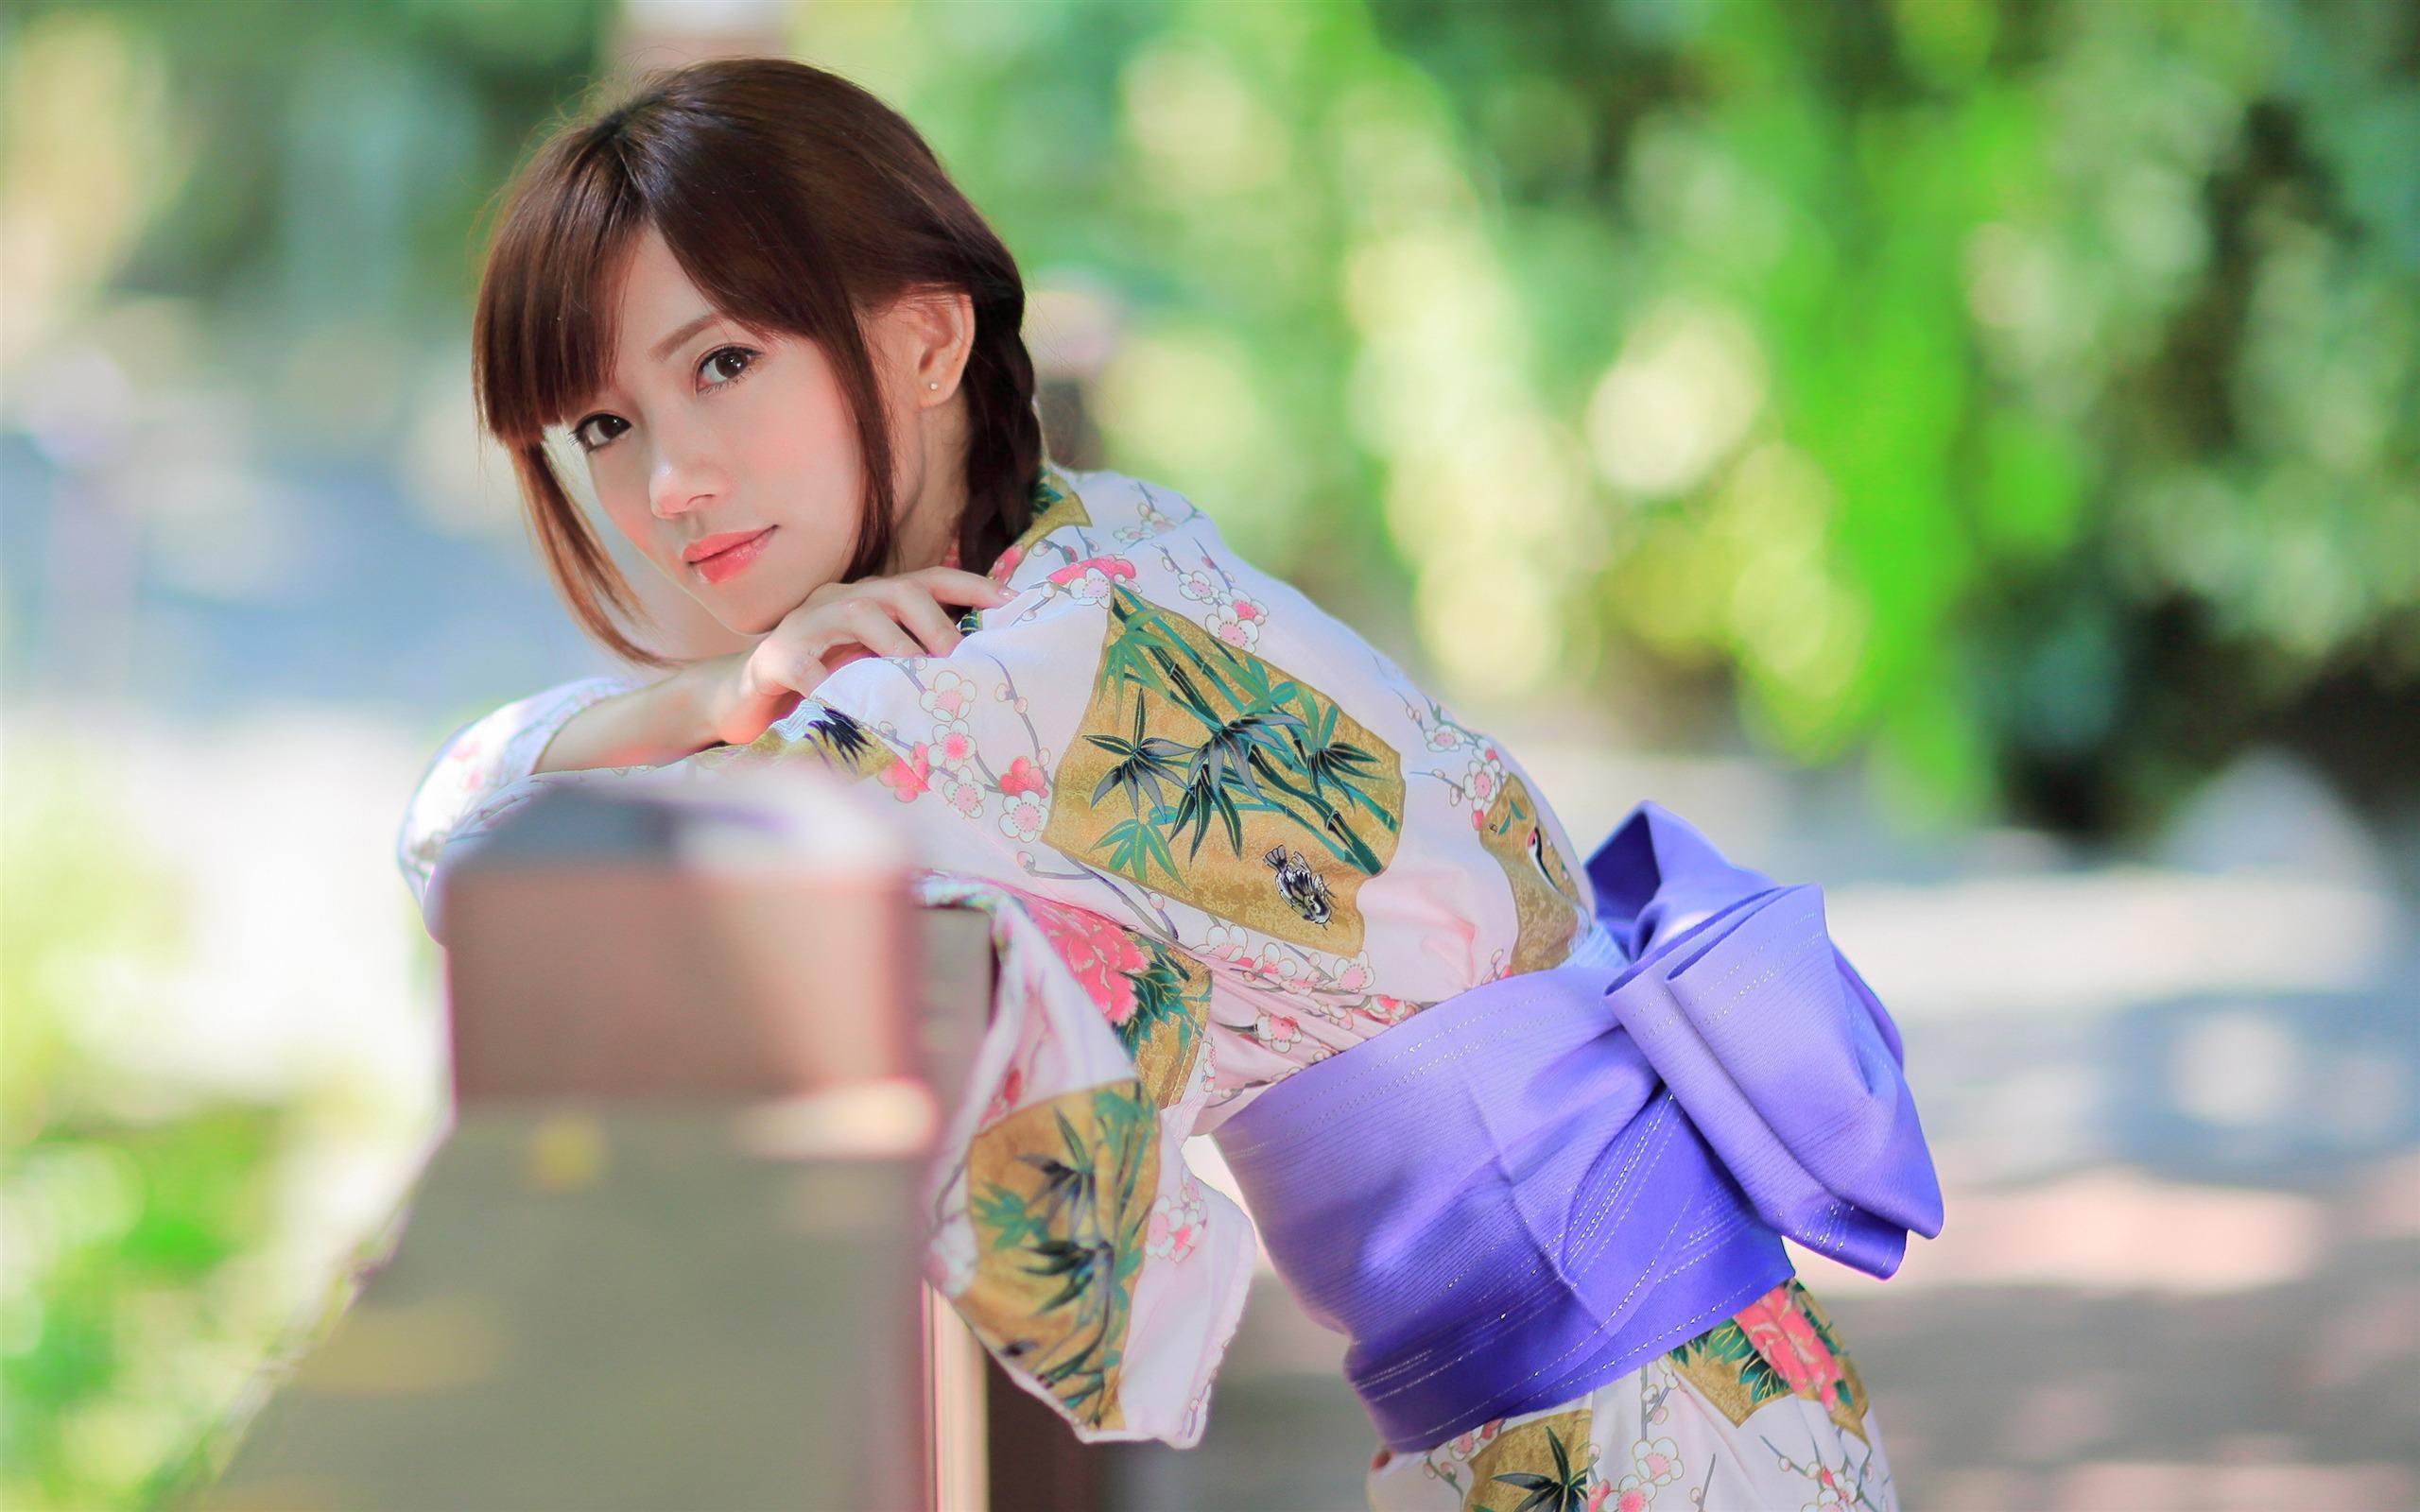 韩国女组合少女时代_夏季,日本,户外,和服,美女,4K预览 | 10wallpaper.com